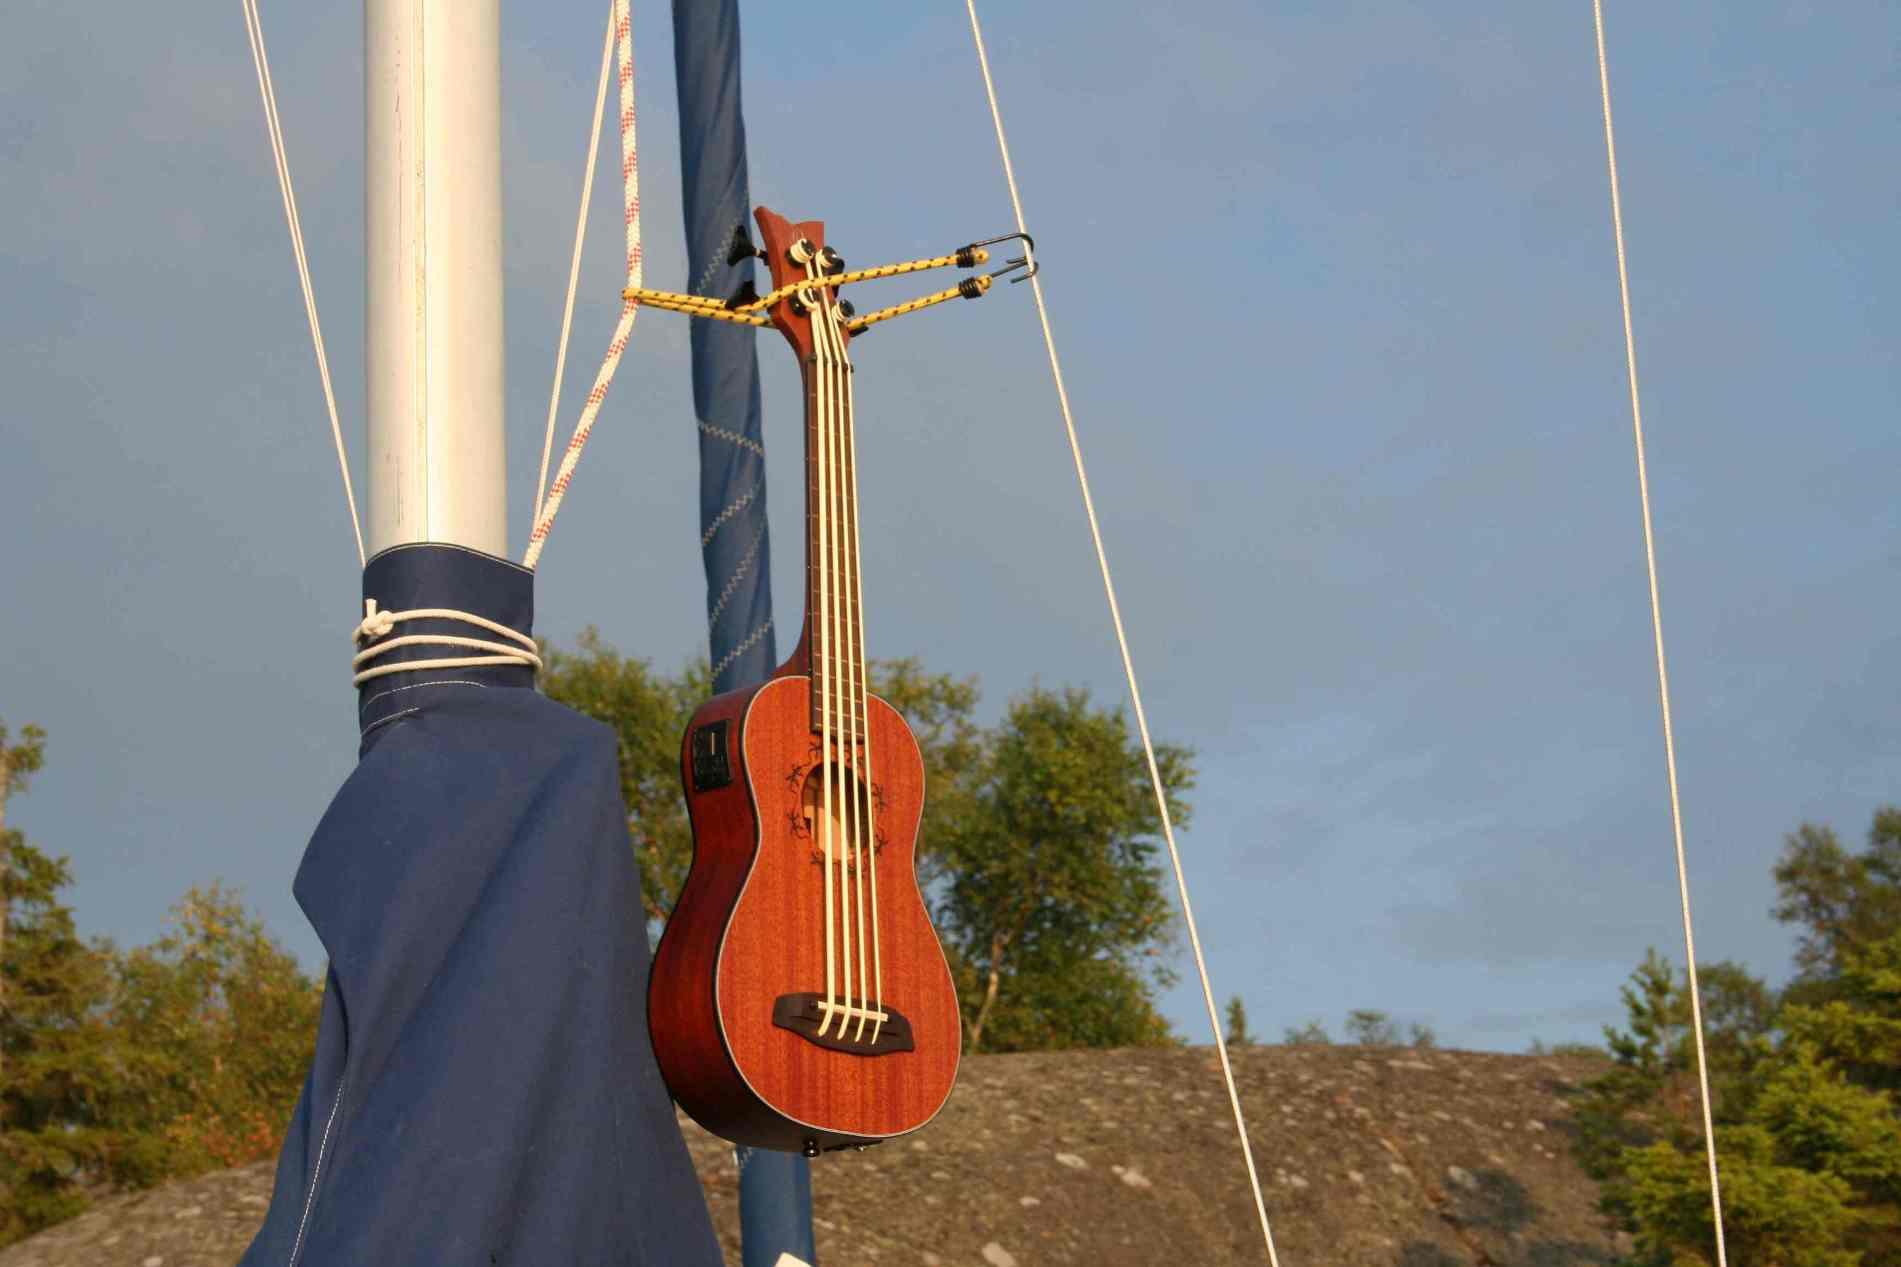 Ein Kontrabass der an den Mast eines Segelboots gebunden ist